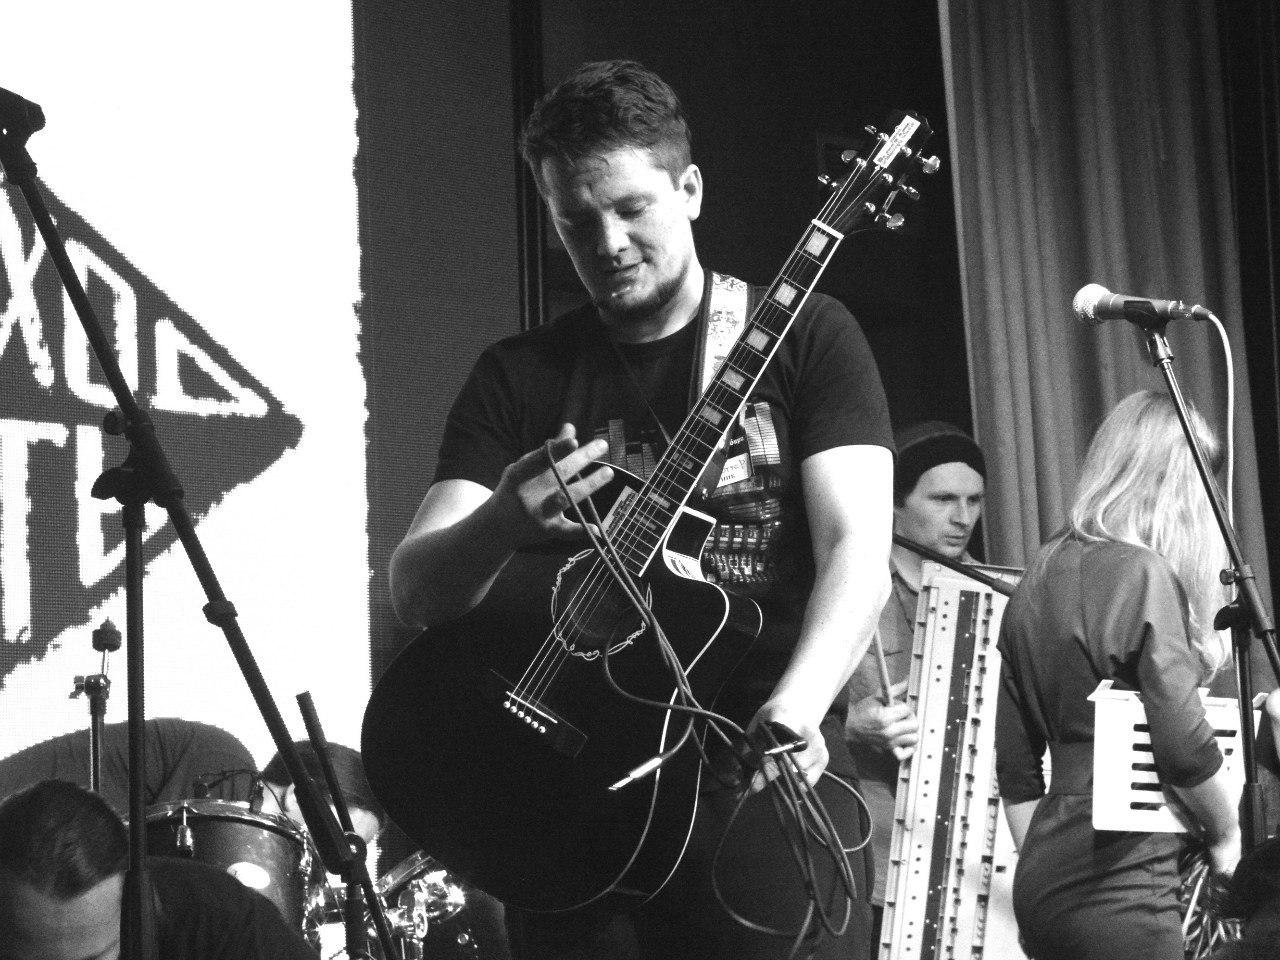 Директор студии - Дмитрий Синицын (Дмитрий-СГ Синицын), г. Тобольск, сольный концерт